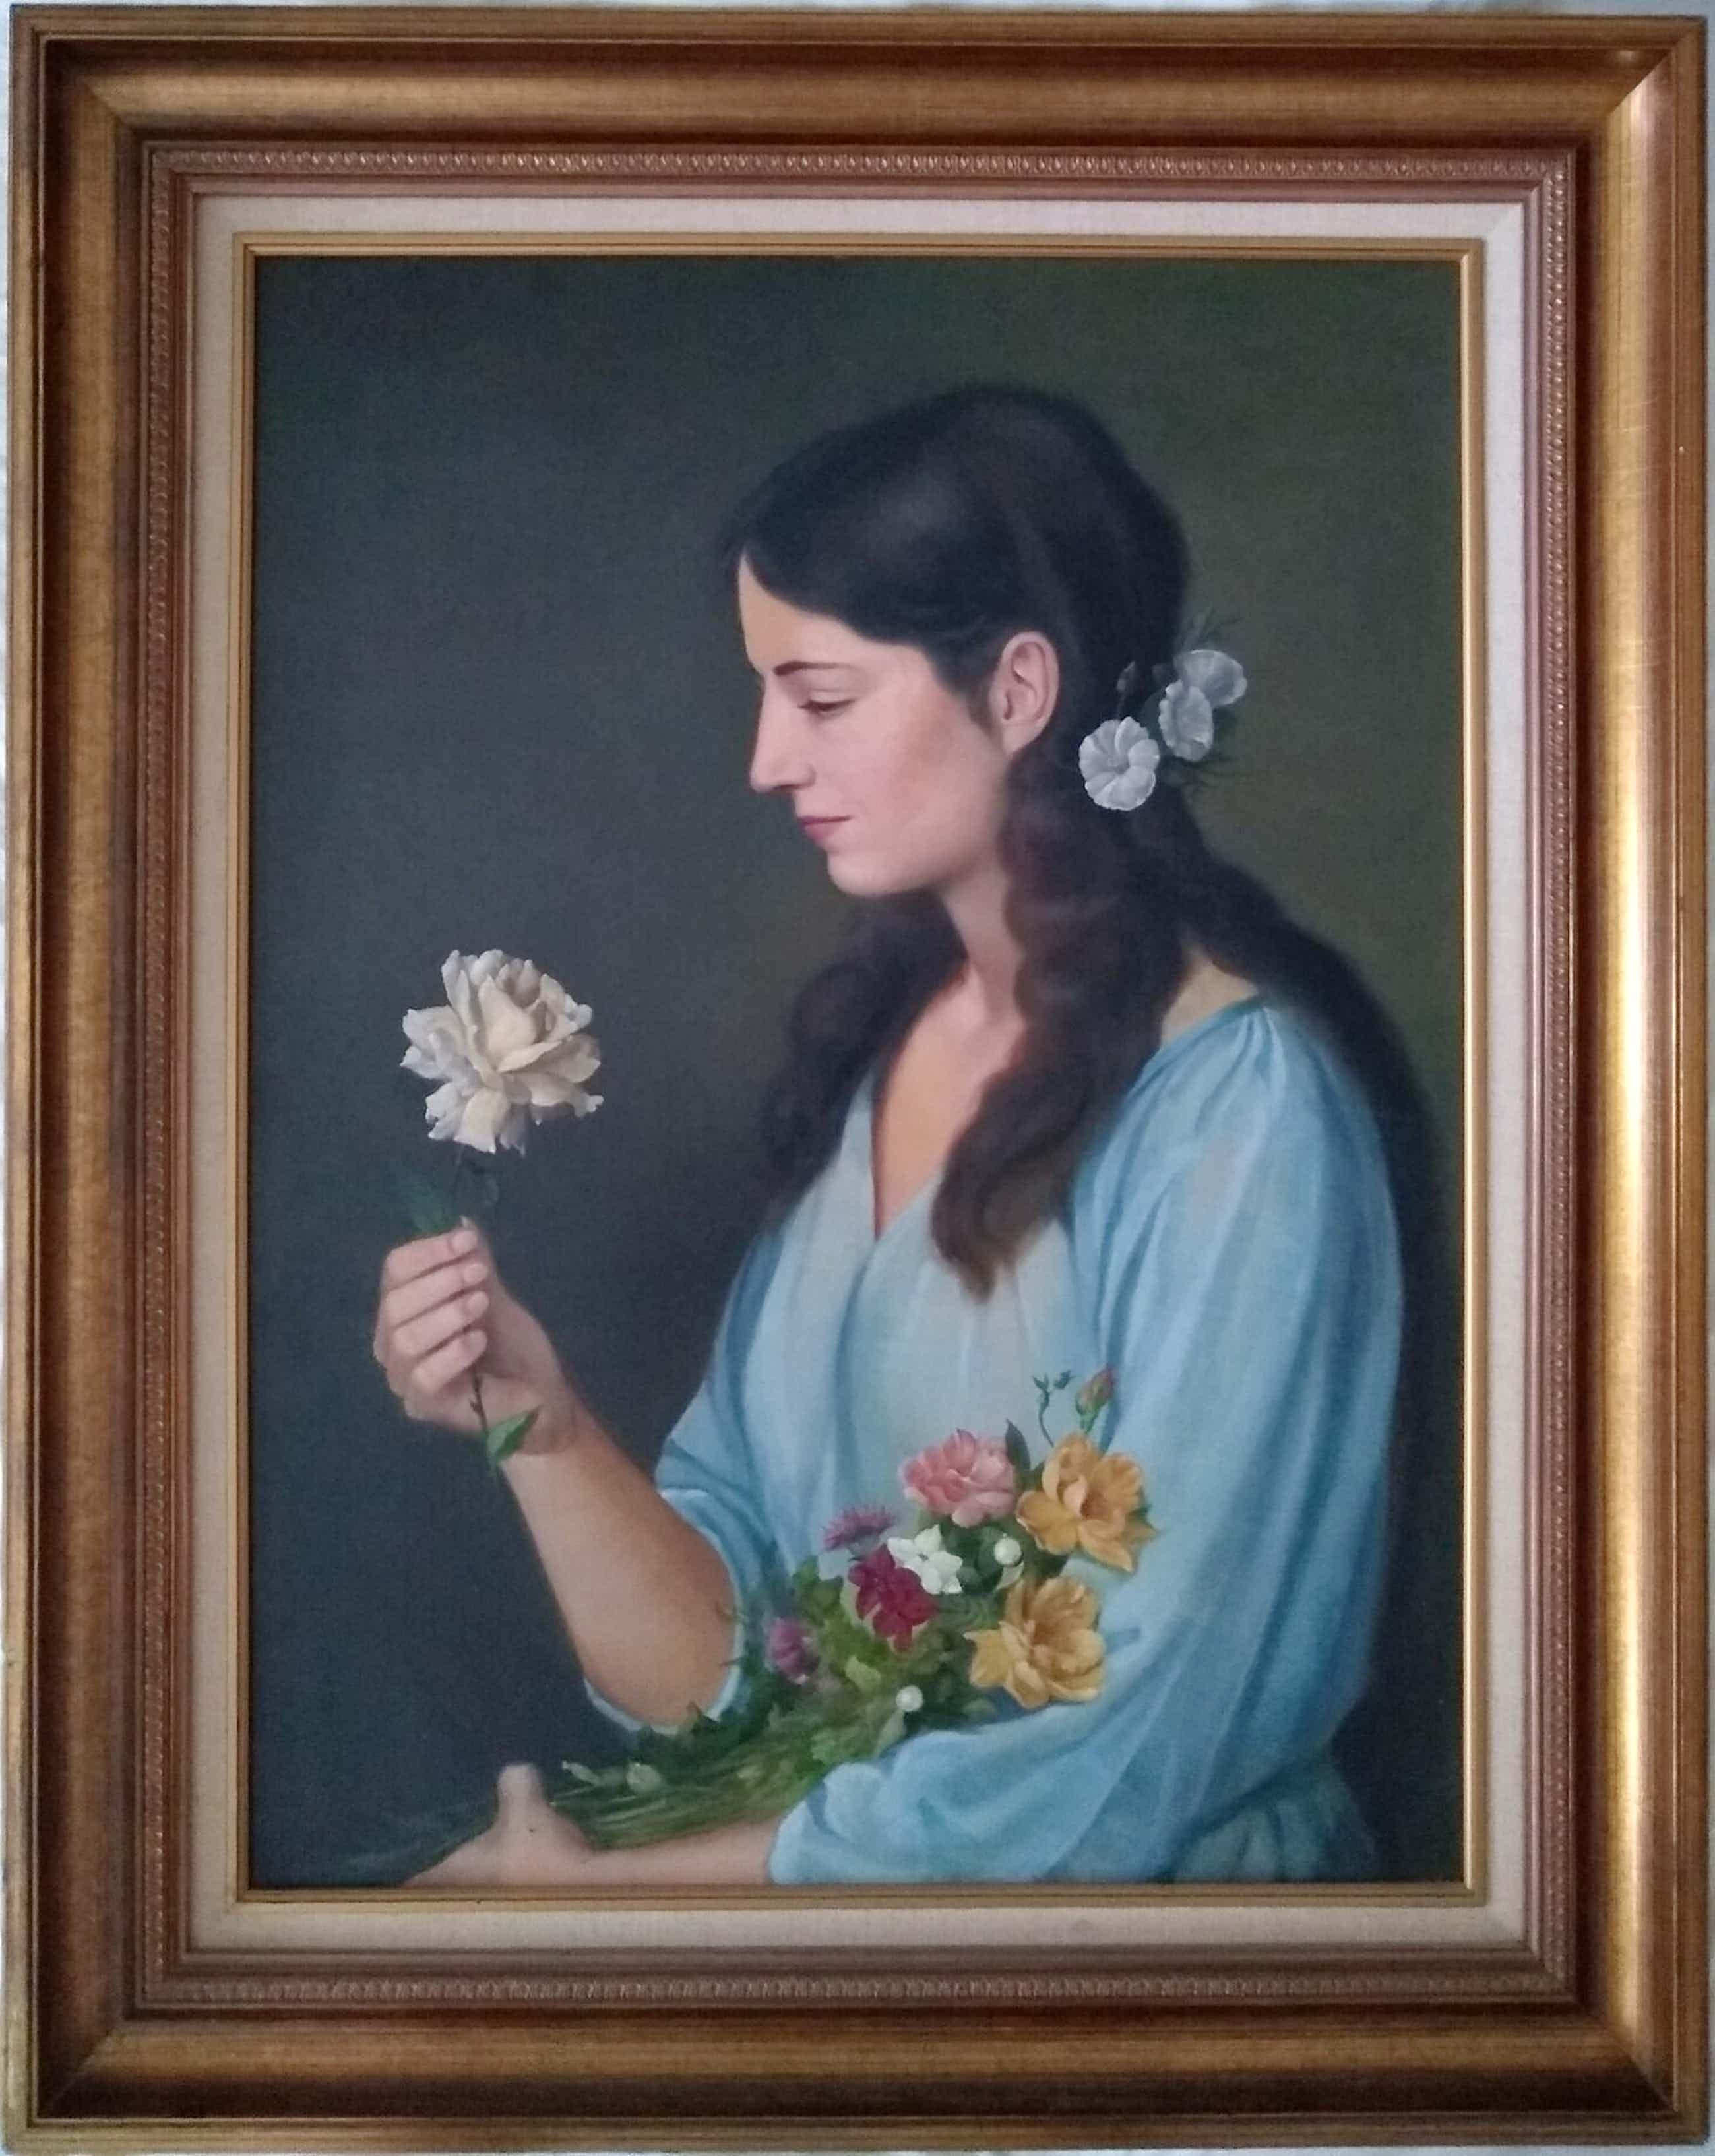 Hendrik jr. De Laat - Dame met bloem en boek over de kunstenaar kopen? Bied vanaf 950!